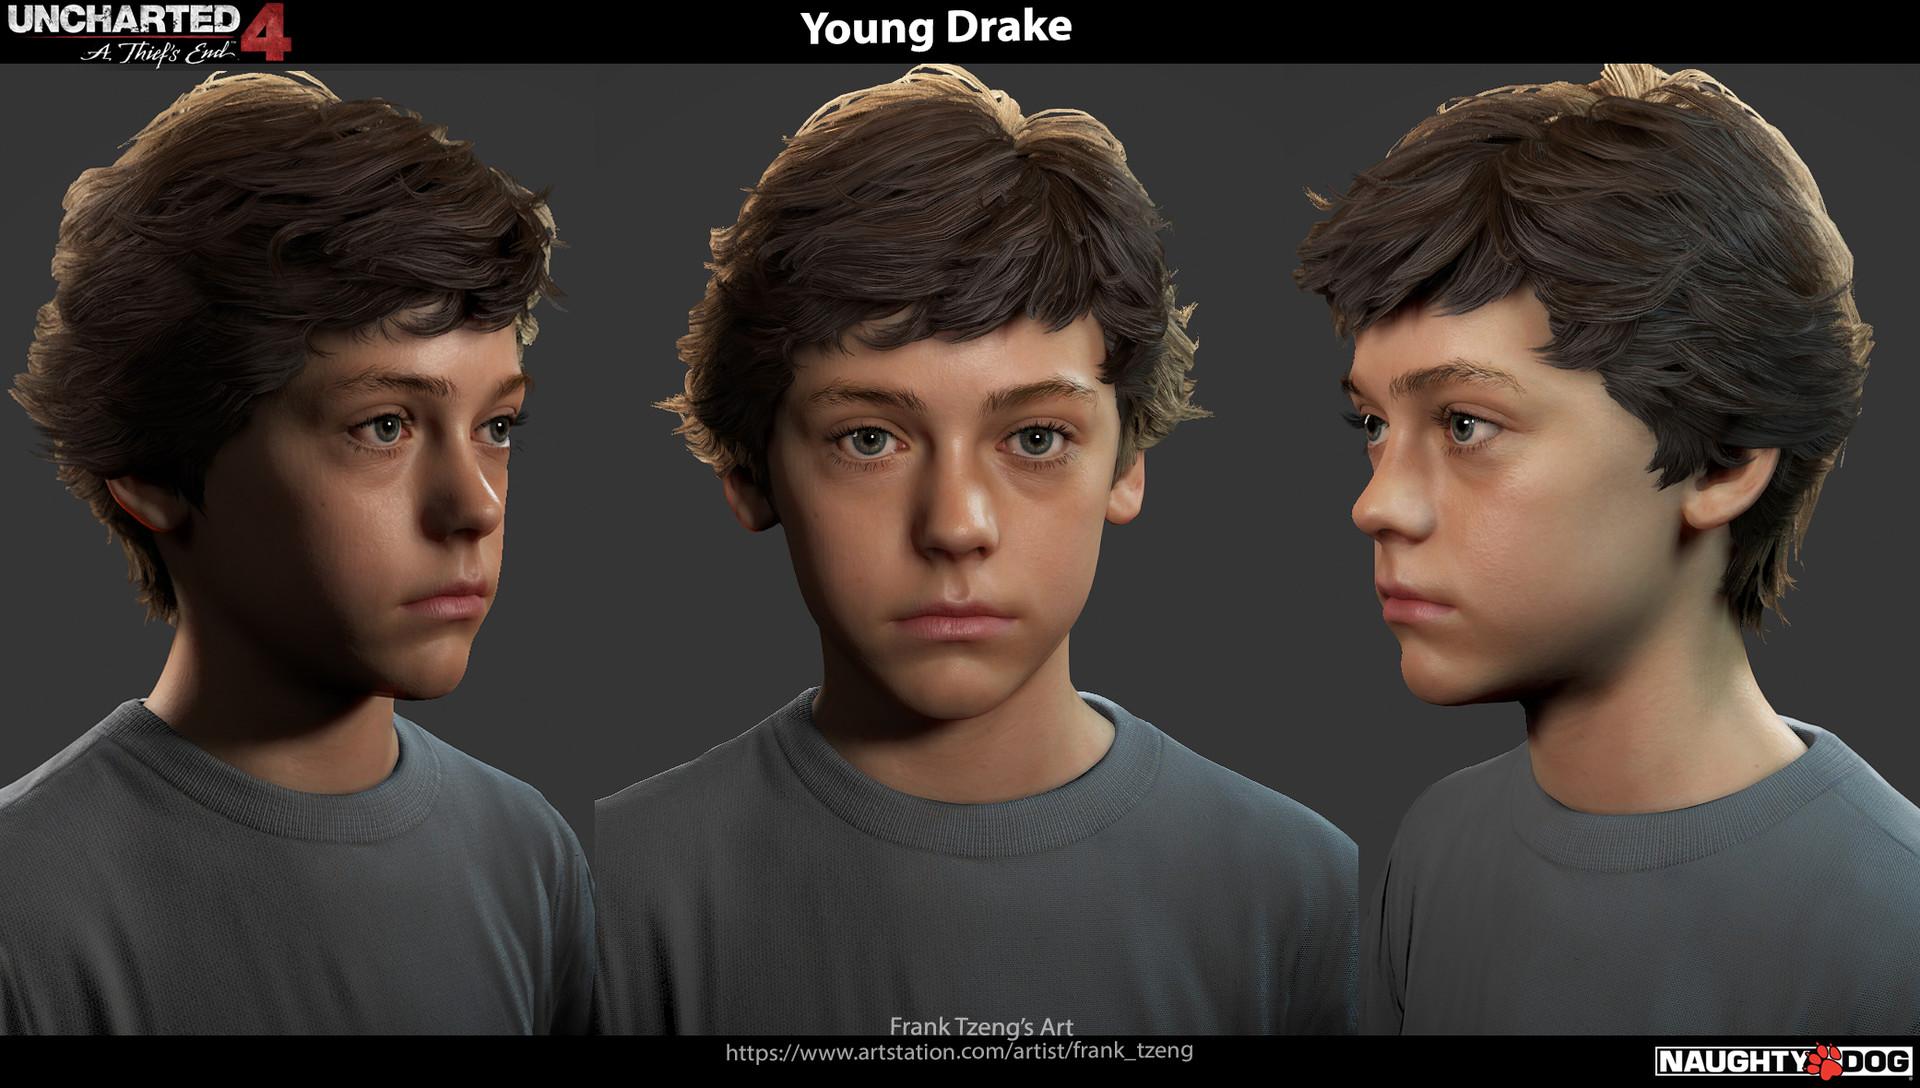 Artstation Uncharted 4 Young Drake Frank Tzeng